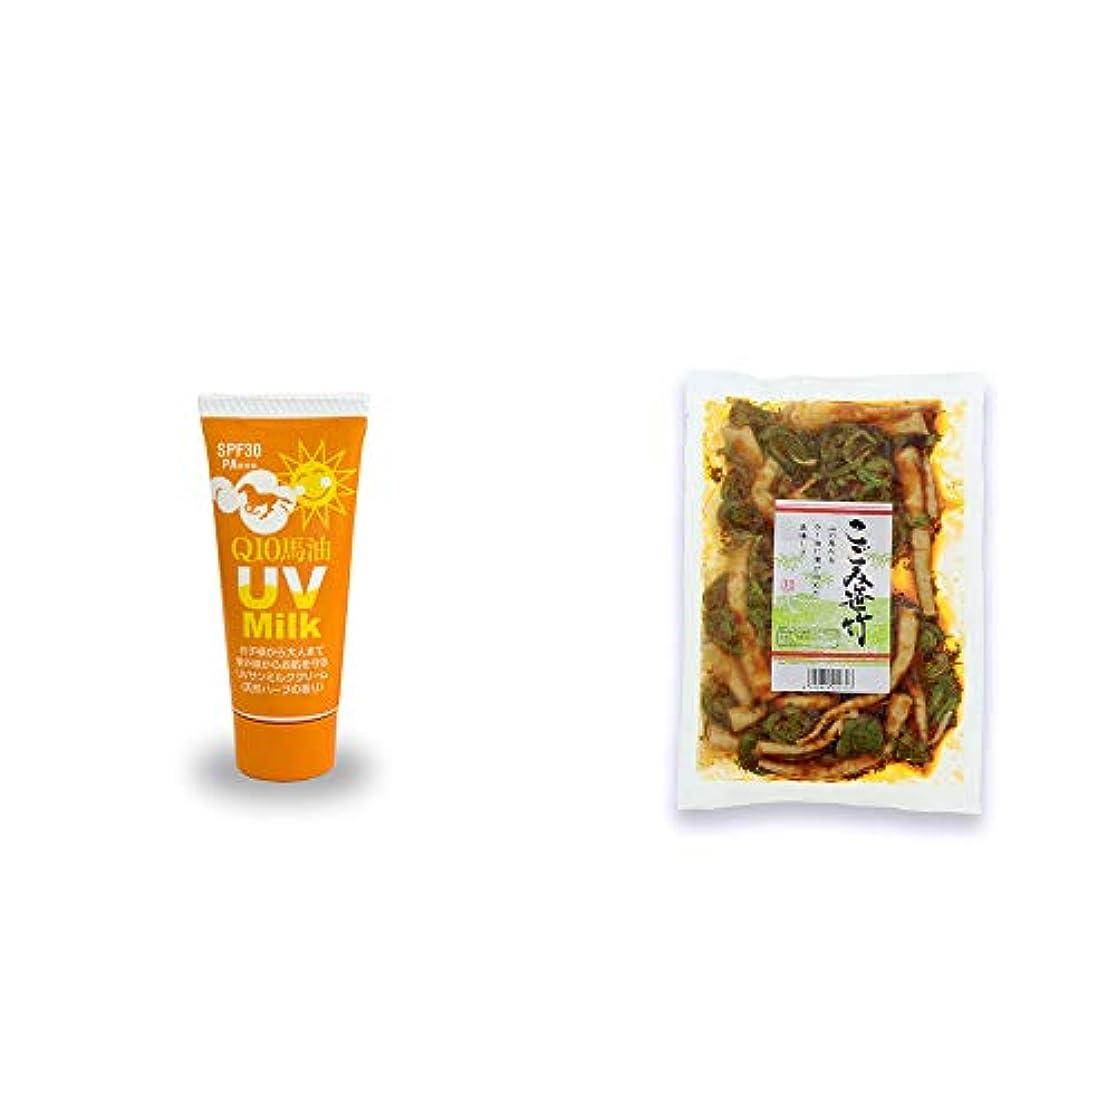 [2点セット] 炭黒泉 Q10馬油 UVサンミルク[天然ハーブ](40g)?こごみ笹竹(250g)